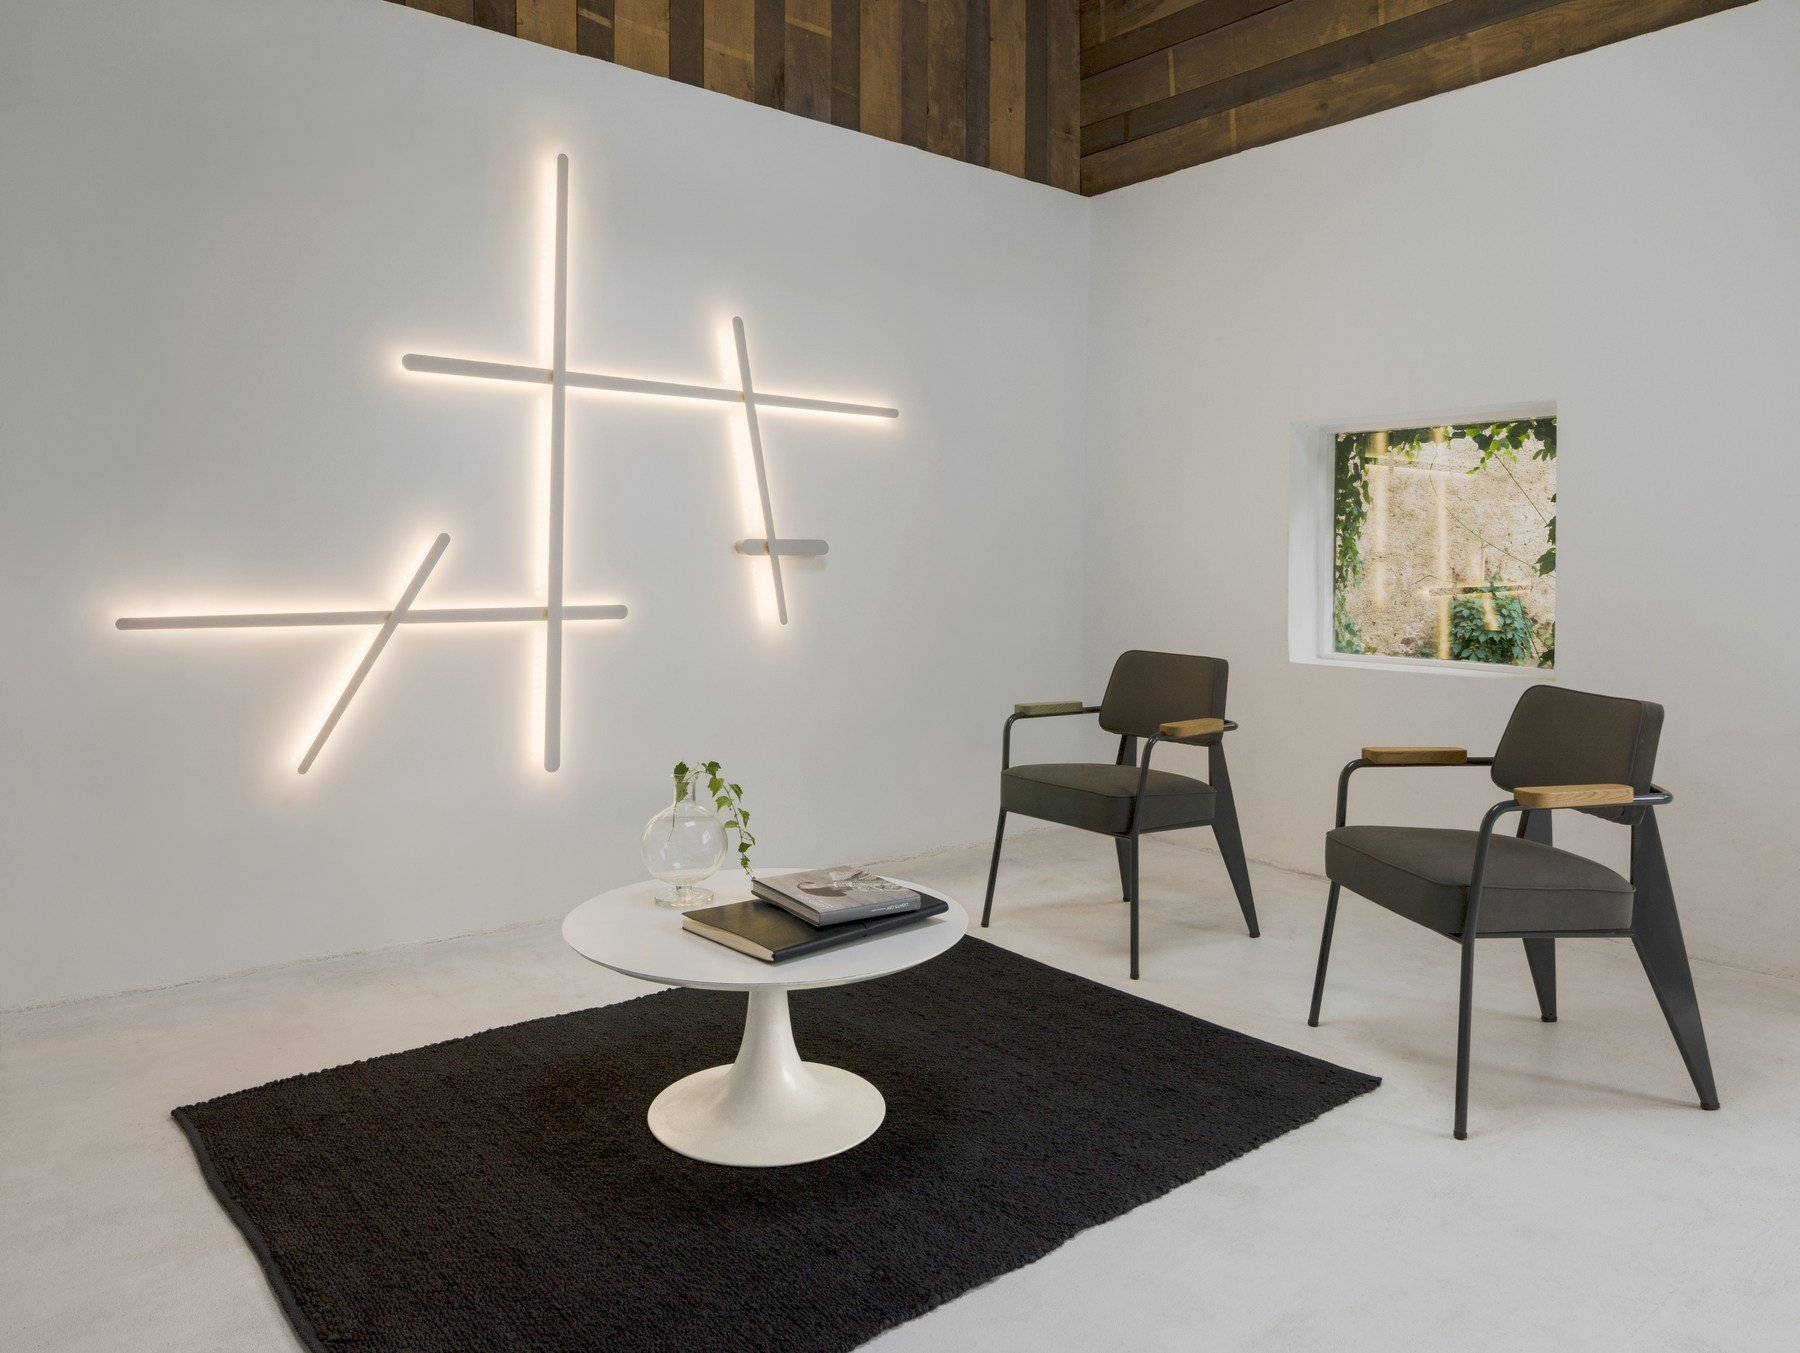 Lampade Industriali Da Parete : Lampada da parete moderna a led colore ...